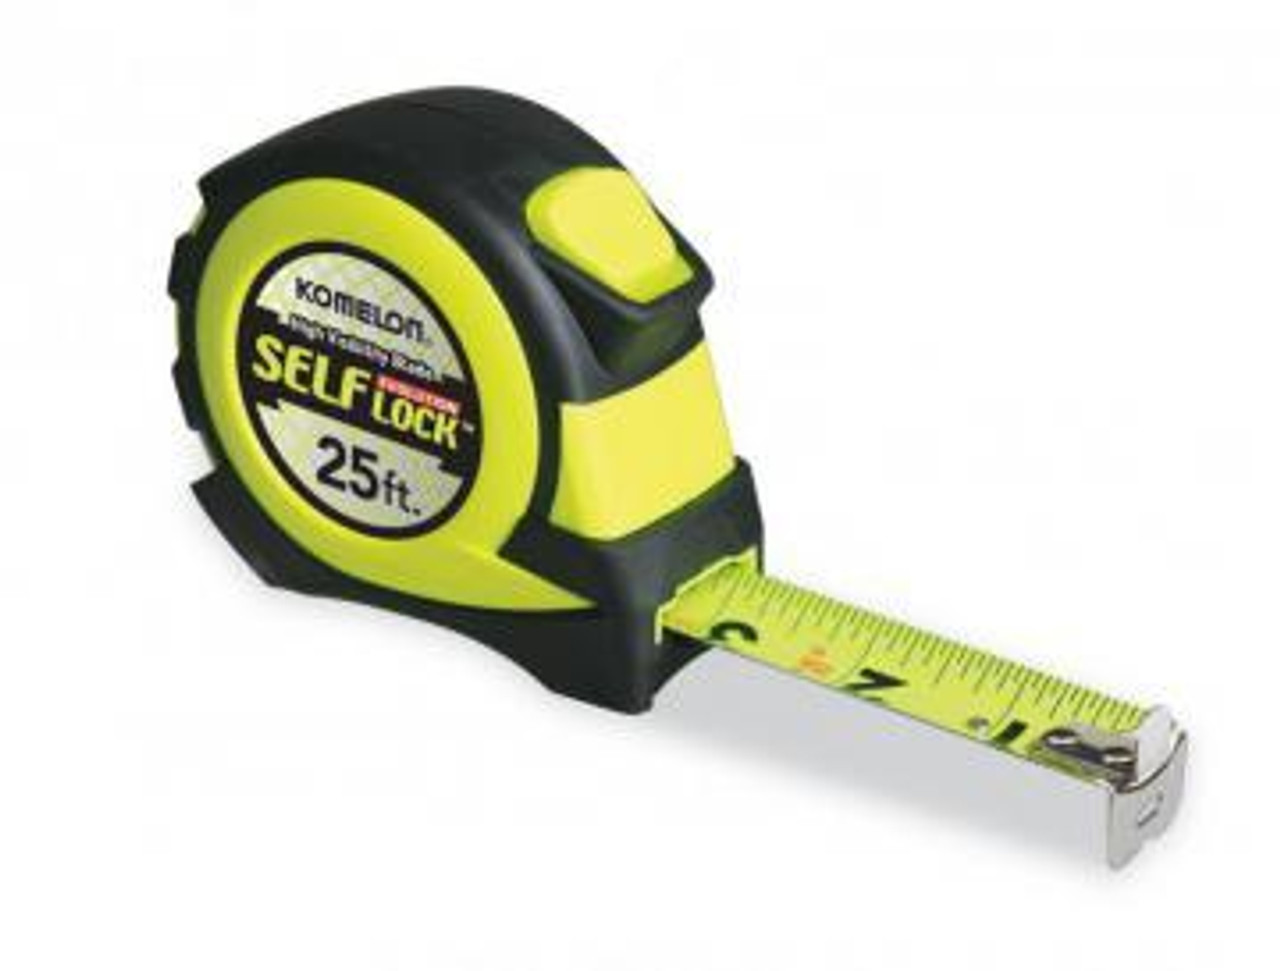 25' Tape Measure. Self Lock Evolution, Nylon Coated Steel Blade.